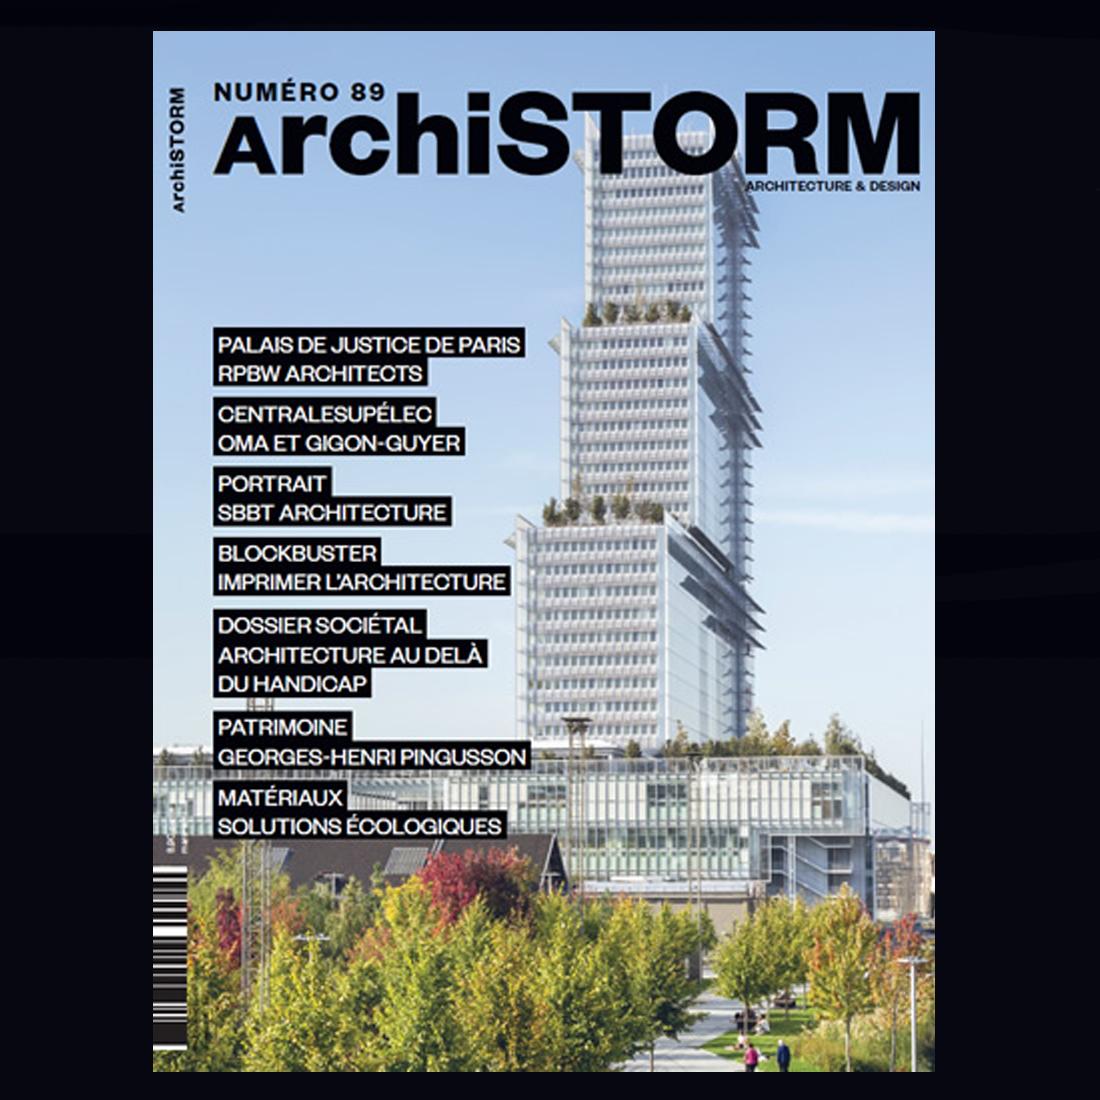 ArchiSTORM N°89 | Brenac & Gonzalez et Associés